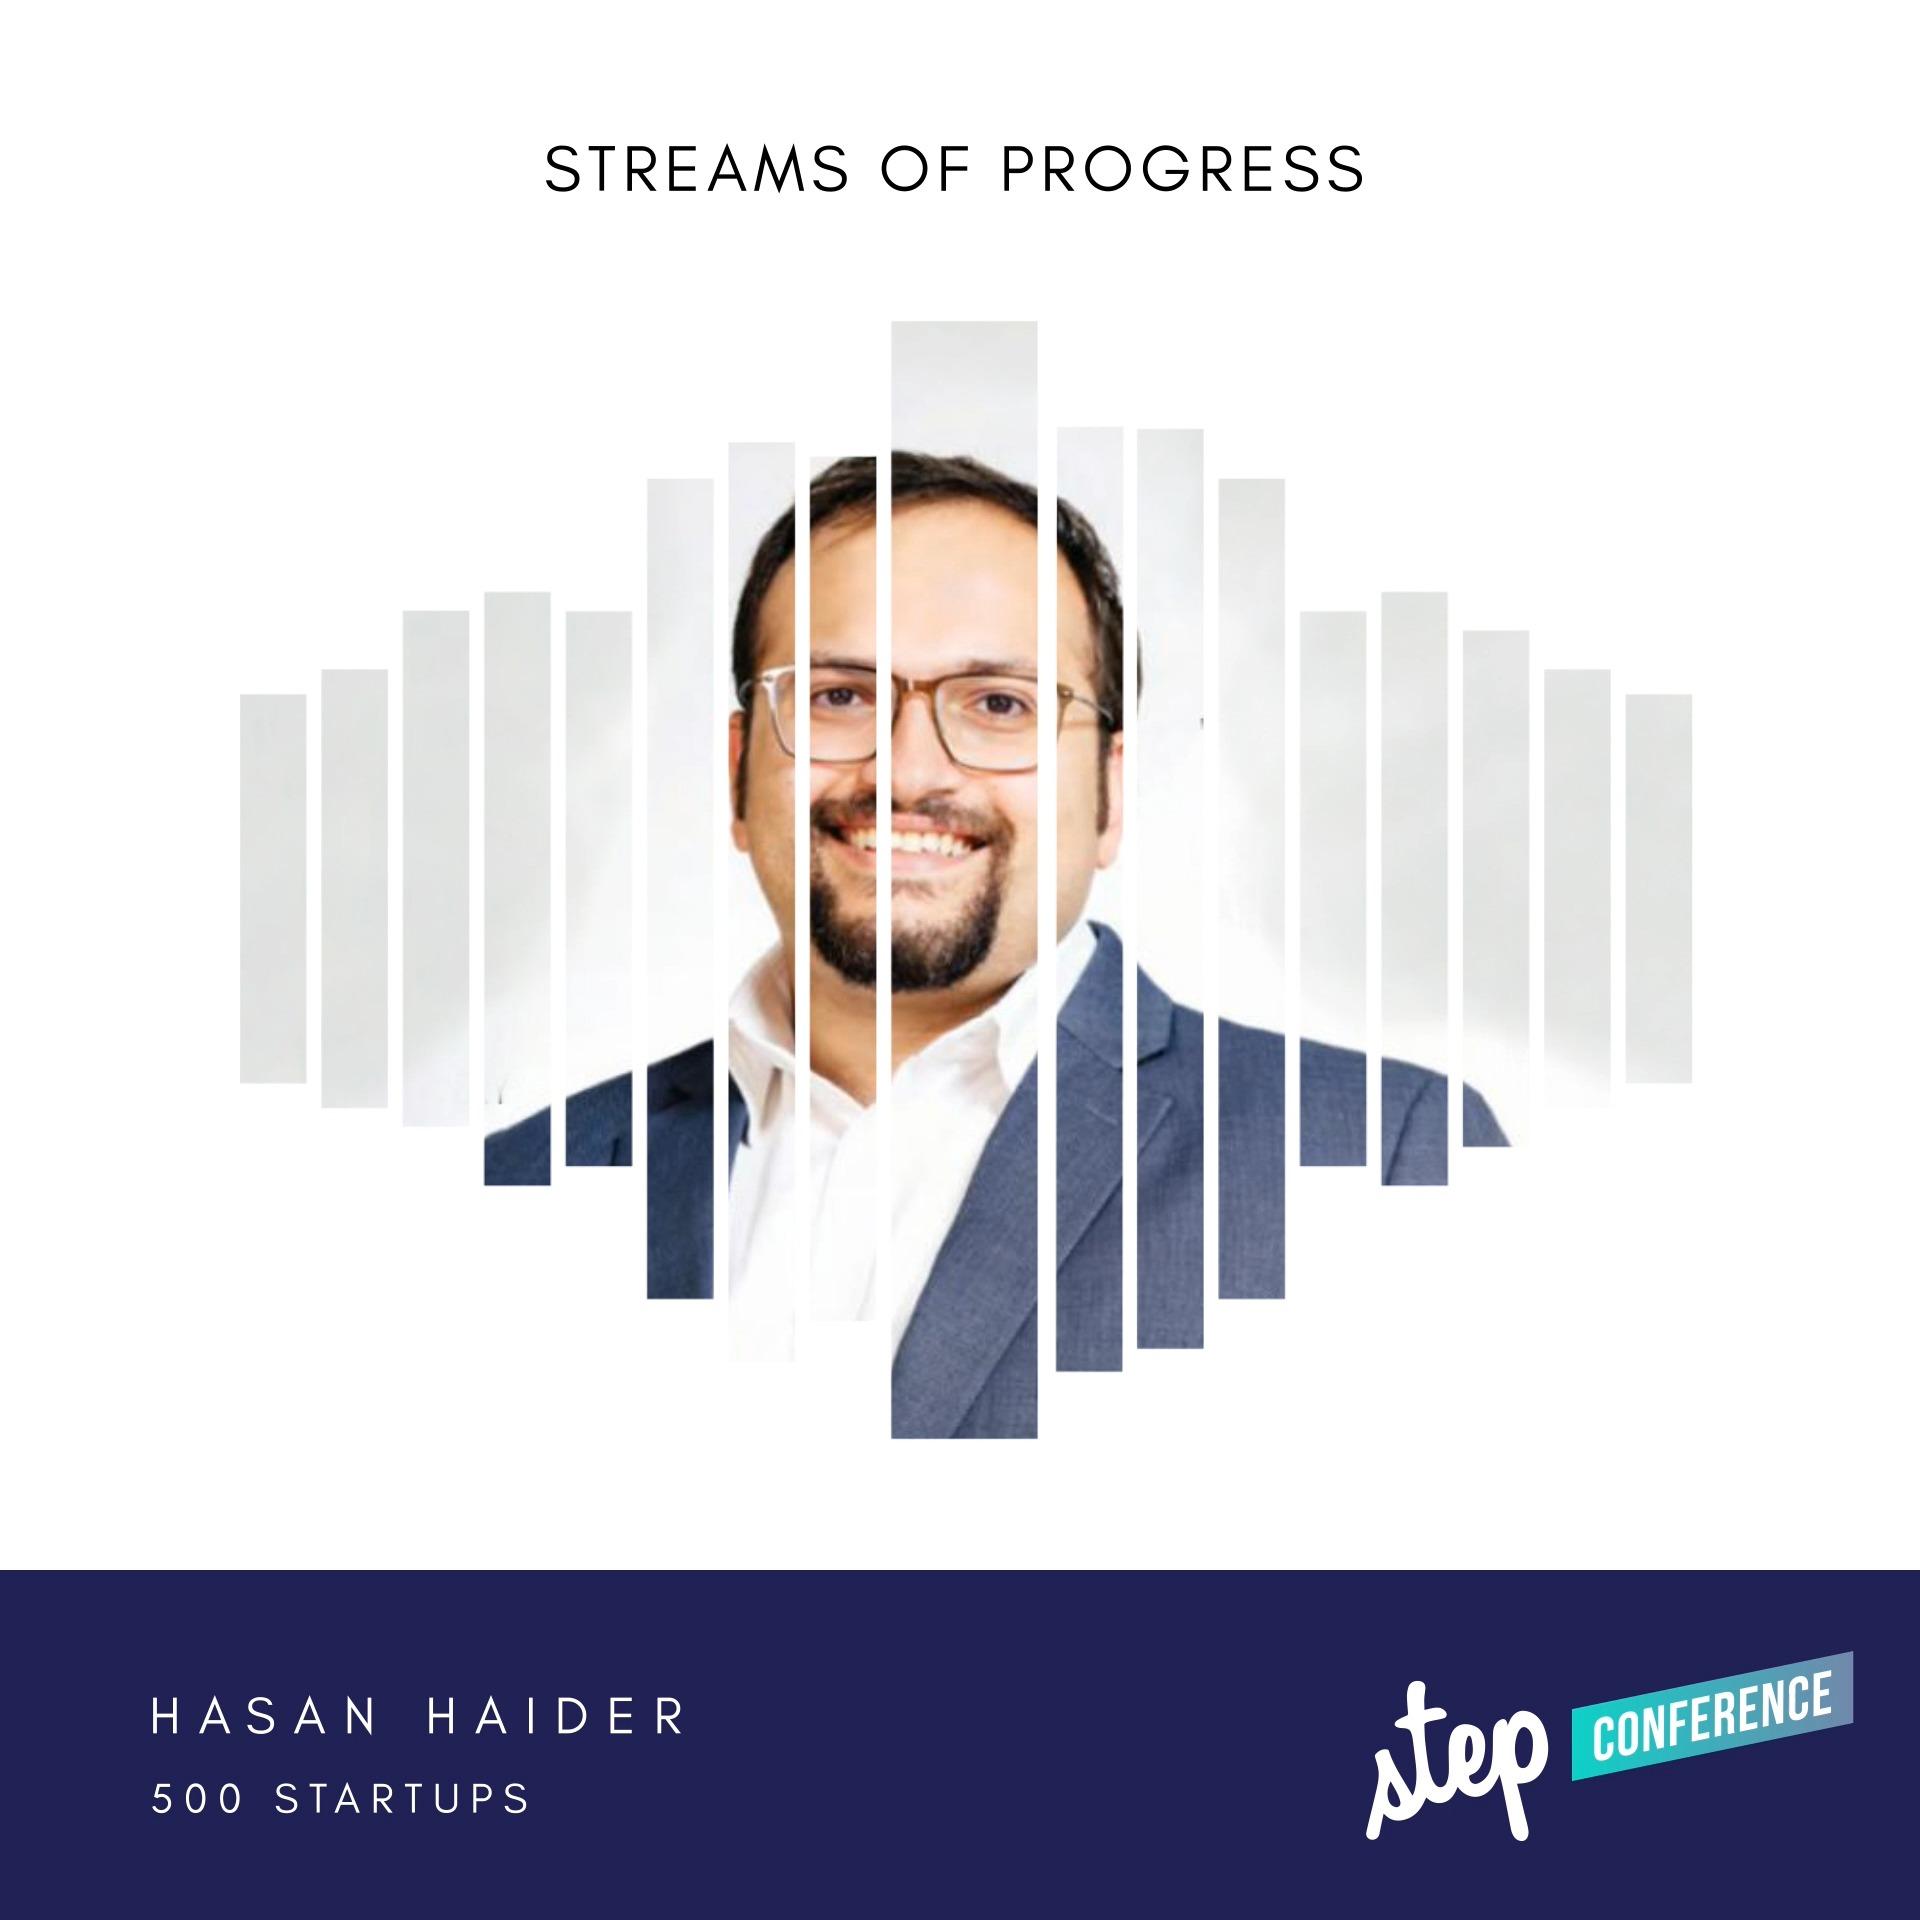 STEP2020 - Hasan Haider, 500 Startups